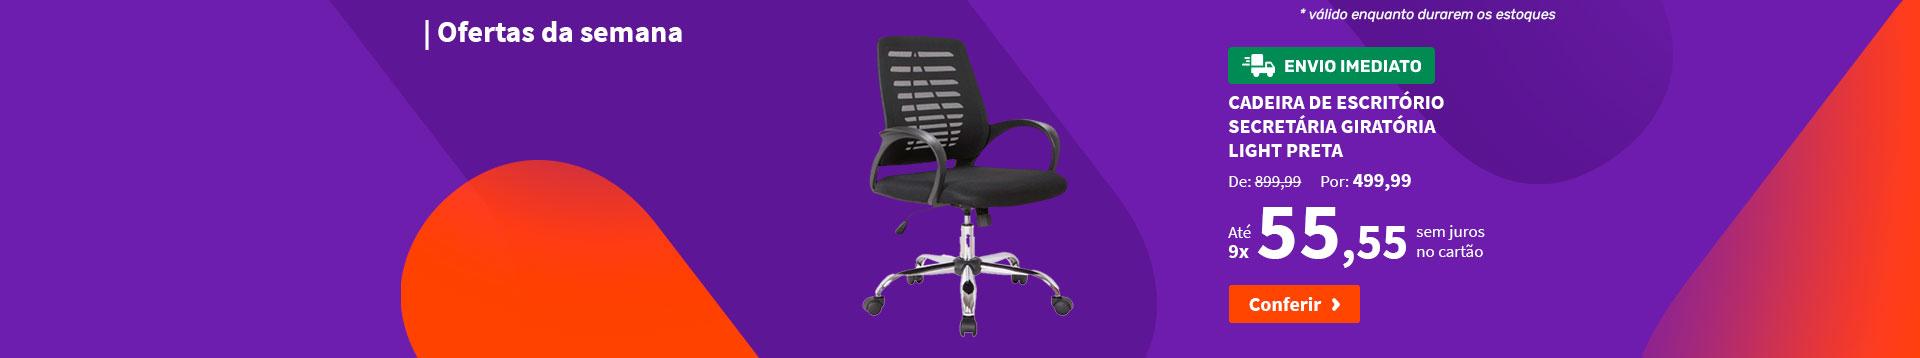 Cadeira de Escritório Secretária Giratória Light Preta - Ofertas da semana